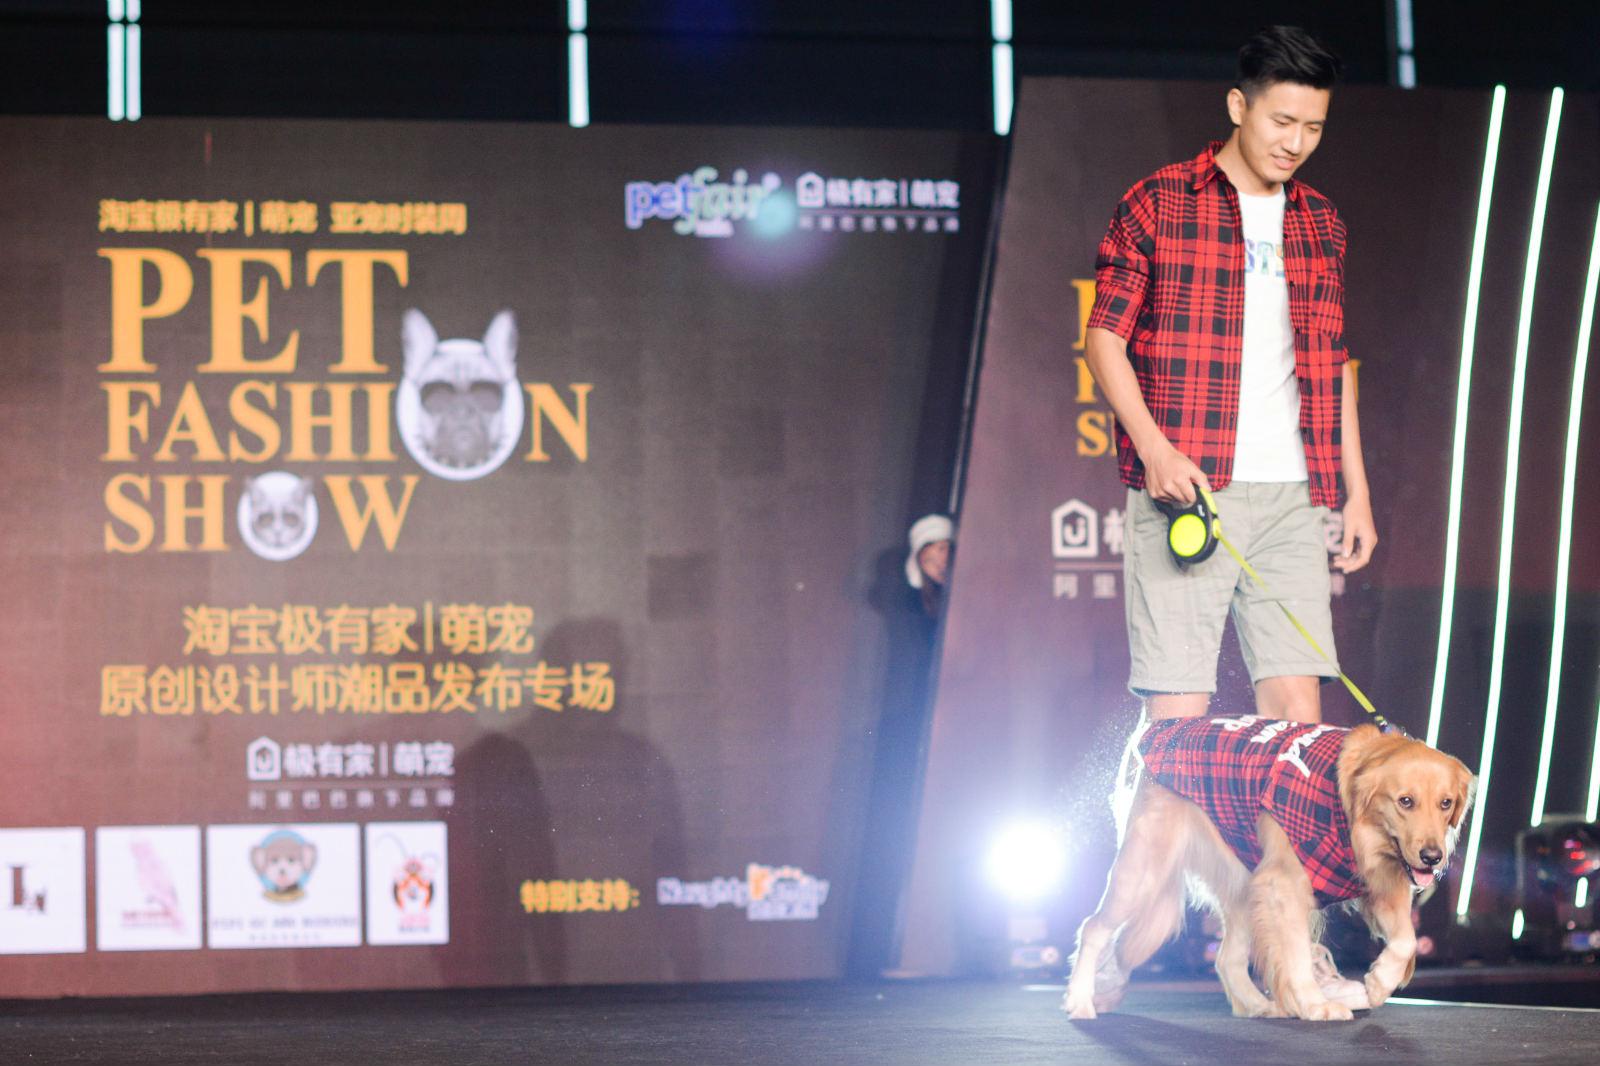 Pet Fashion Show_meitu_4